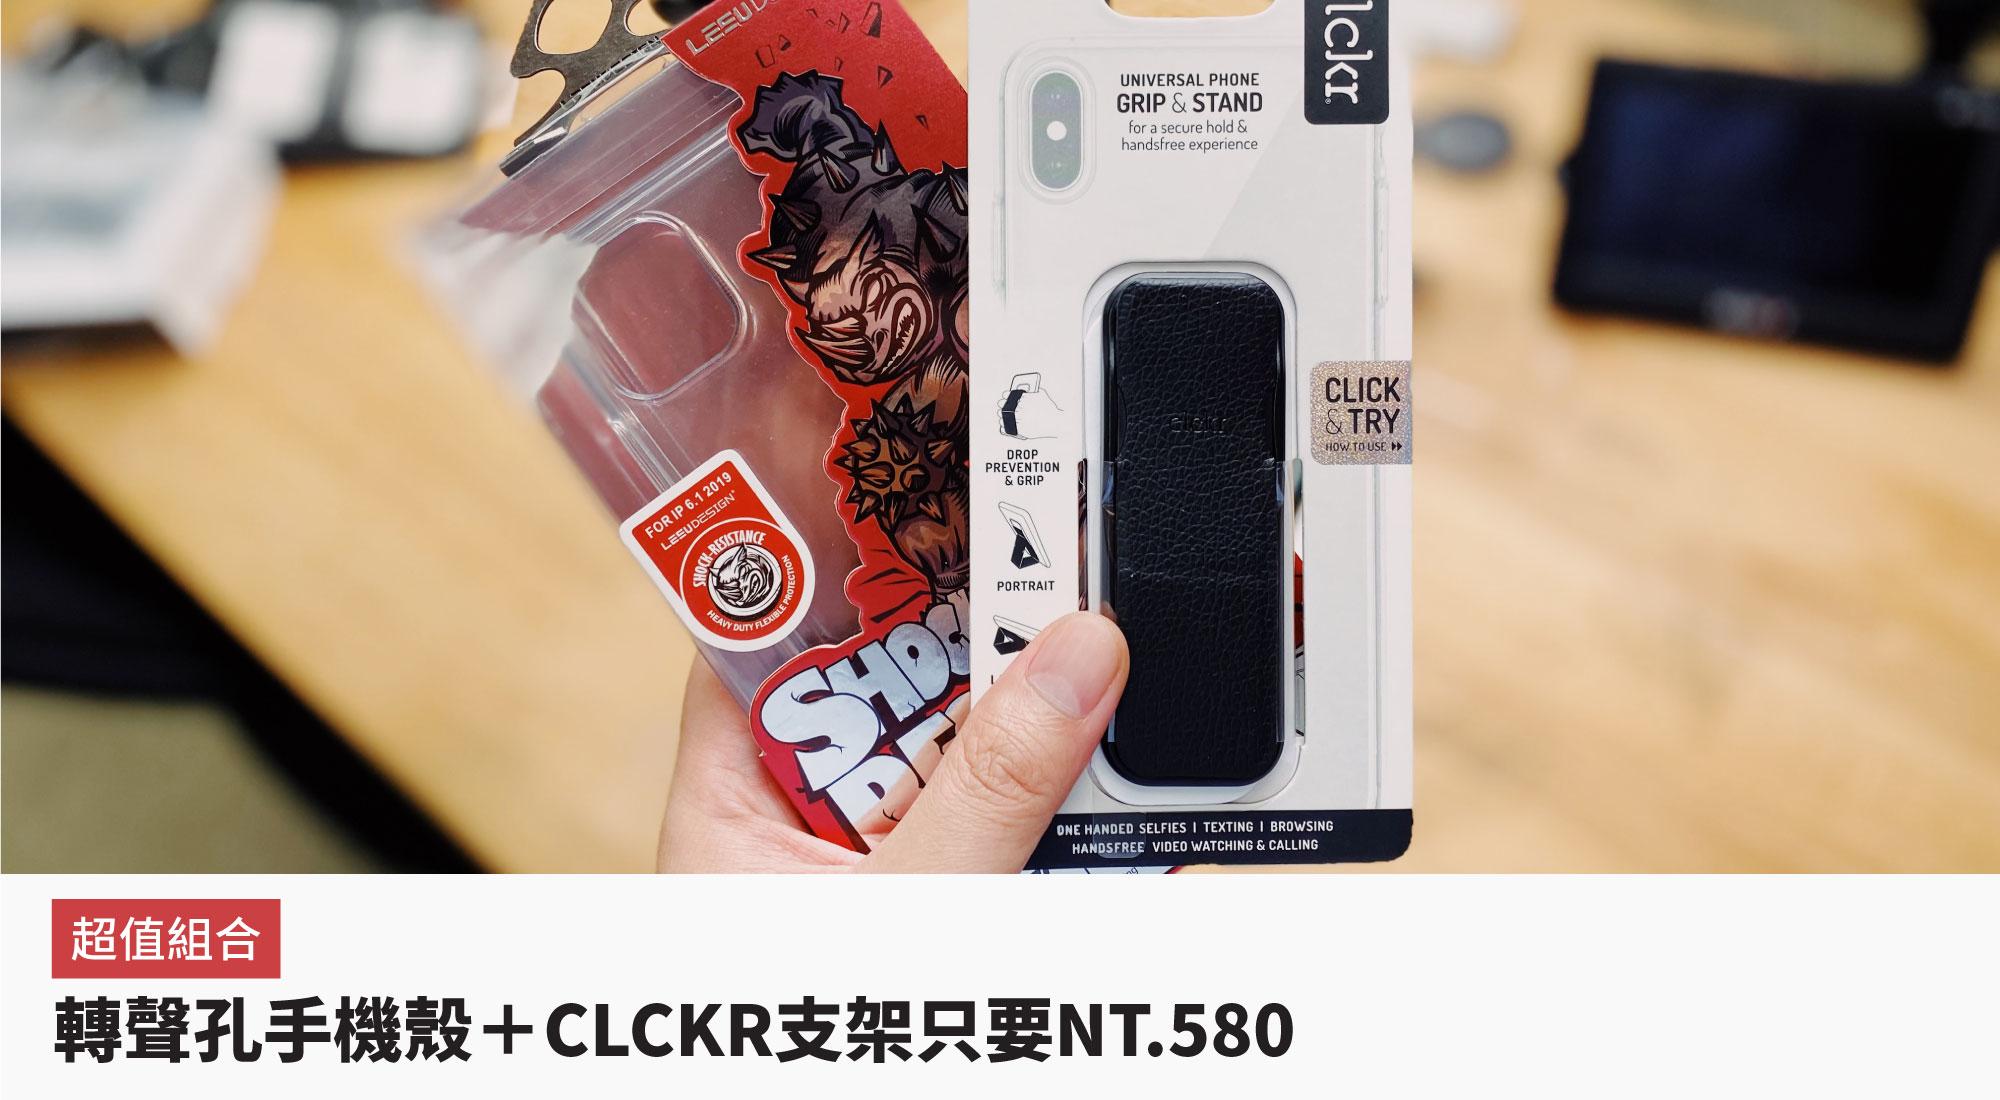 轉聲孔手機殼+CLCKR支架只要NT.580